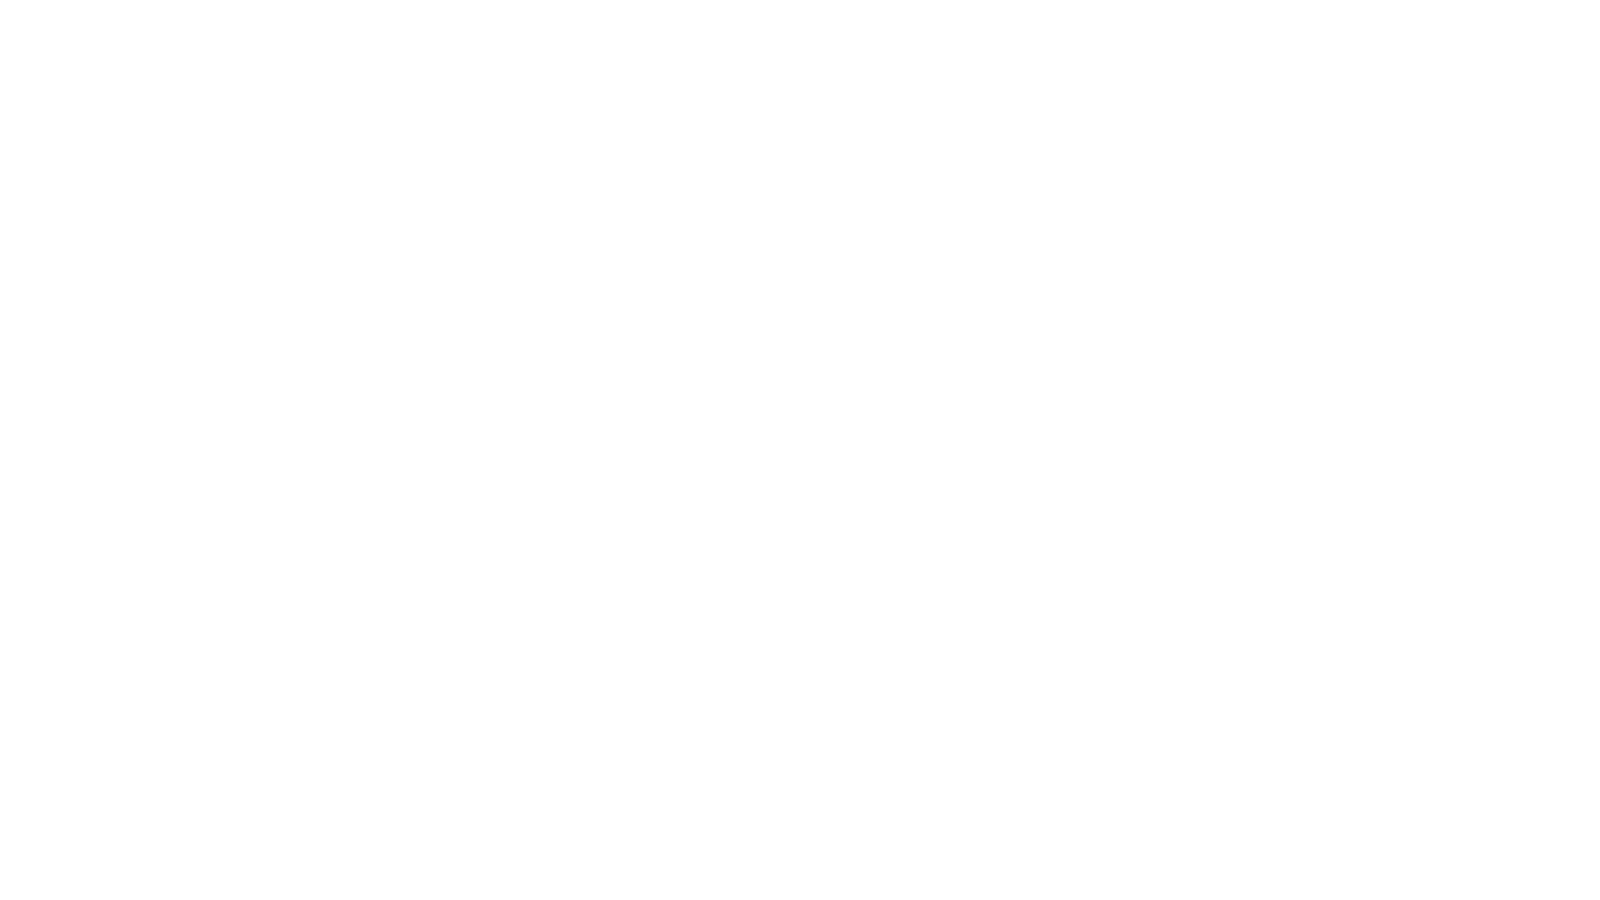 """Yamil Gelené - Noche de canciones. Gustavo Mondini - Candidato a Consejero Escolar por """"Vamos con Vos"""". Jorge """"KQ"""" Dahn - candidato de """"Vamos con Vos"""". El Intendente Gelené pasó por el programa """"Debate Político""""."""